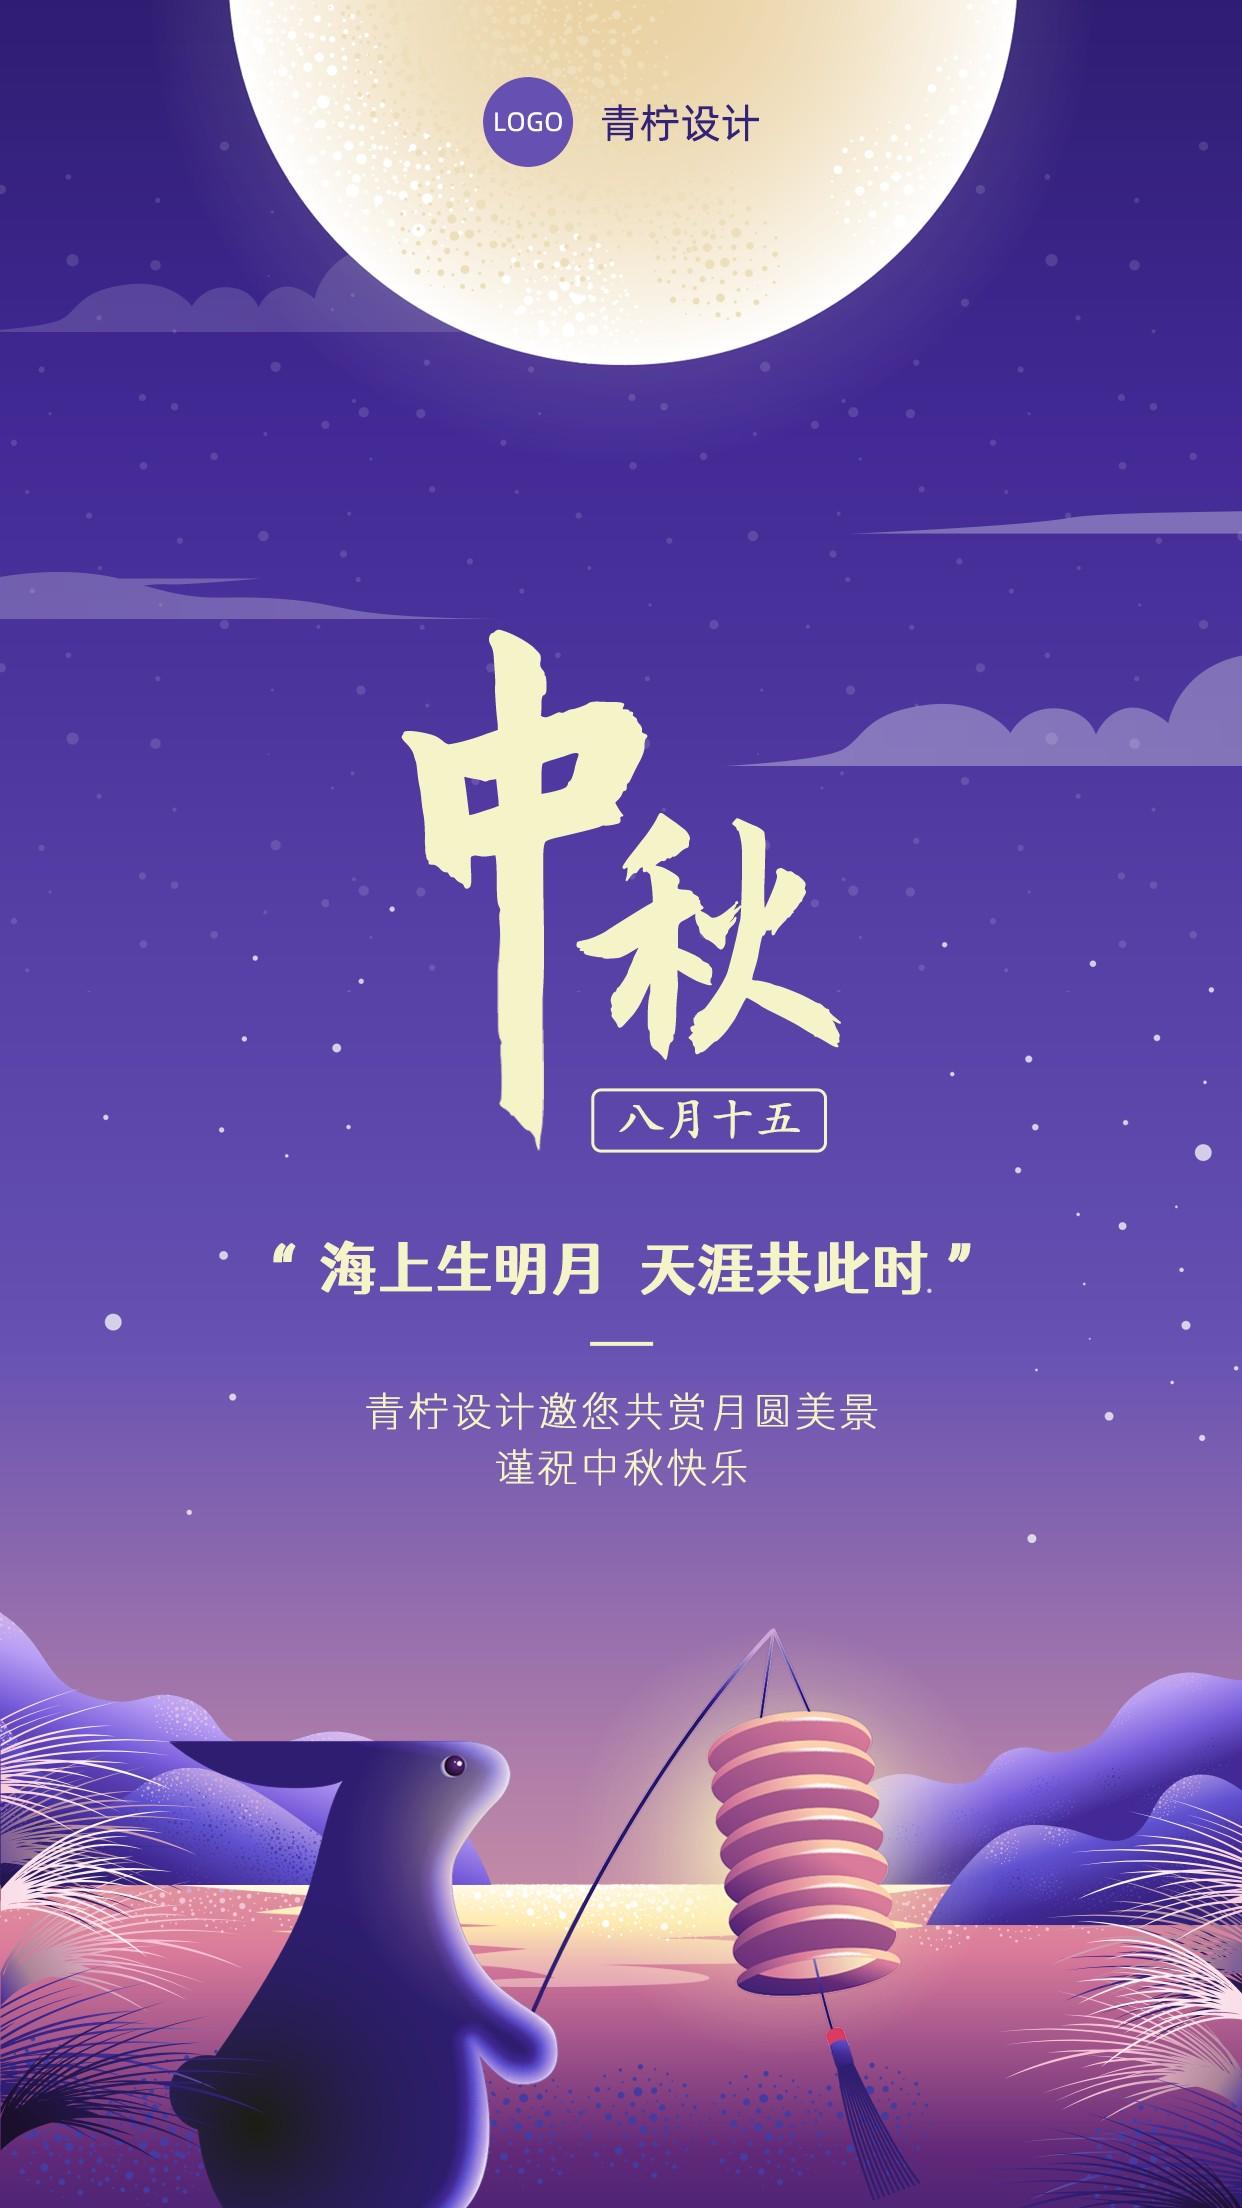 文艺中秋节手机海报